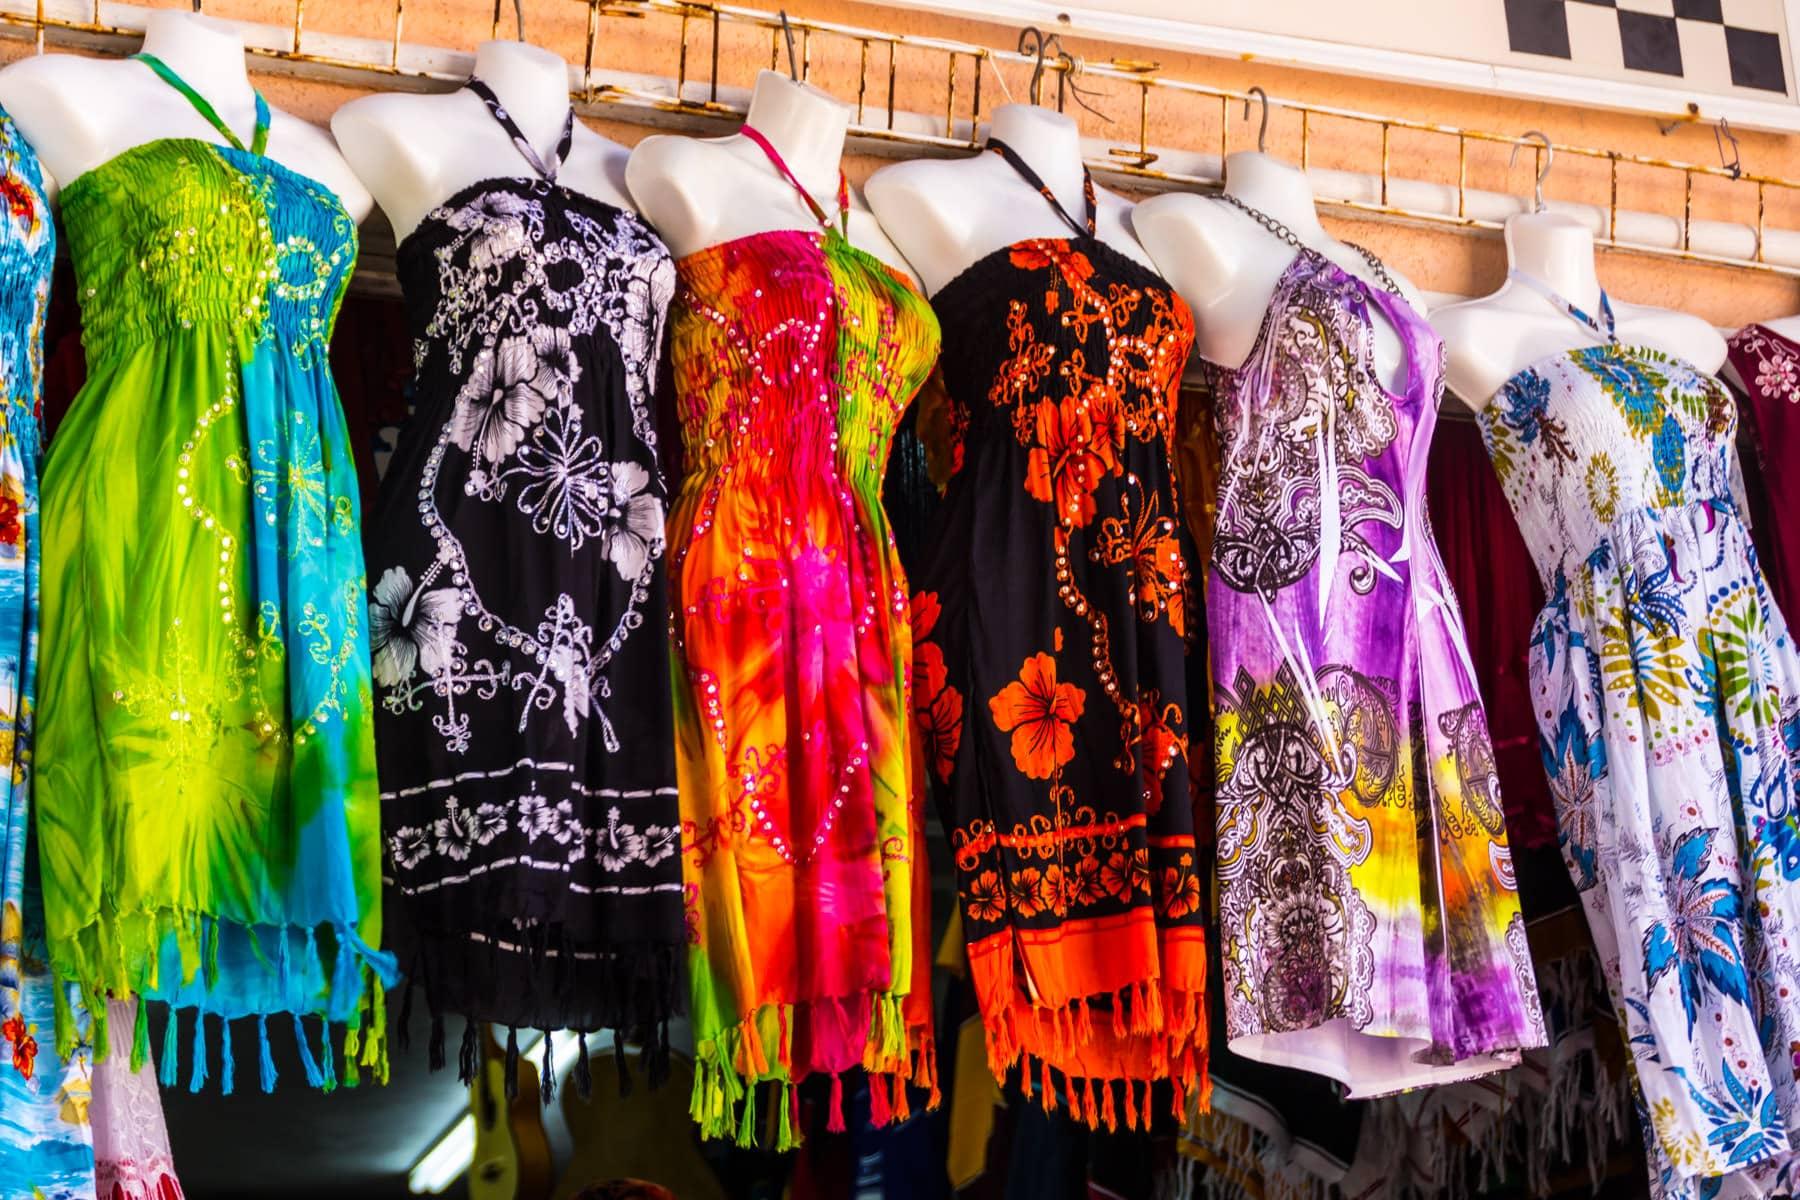 Dresses spotted for sale in Progreso, Yucatan, Mexico.